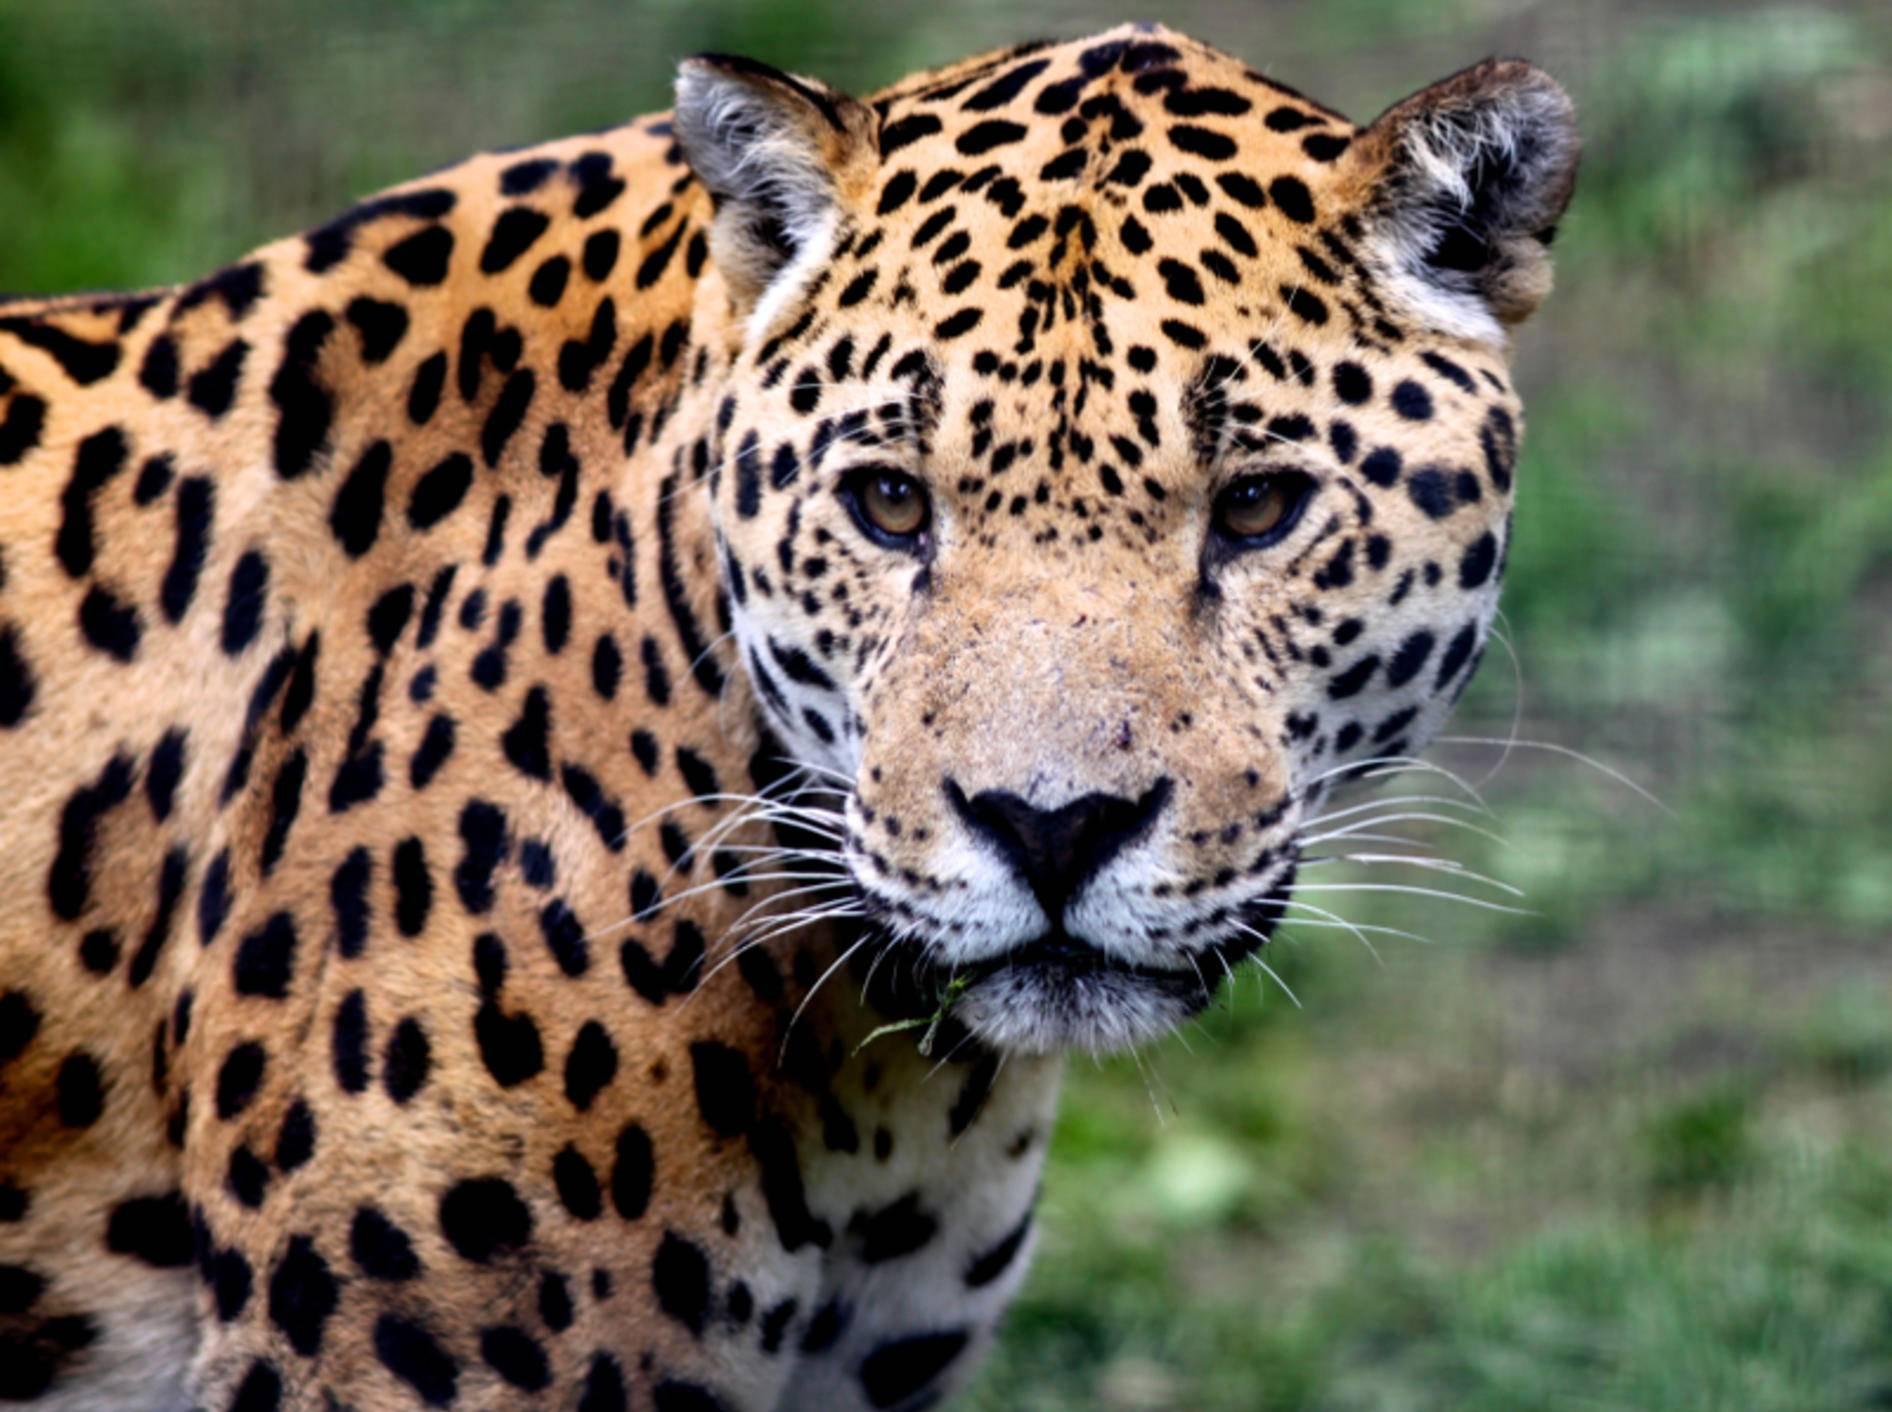 Der Jaguar ist die drittgrößte Raubkatze auf der Welt – Bild: Shutterstock / Michael Ransburg